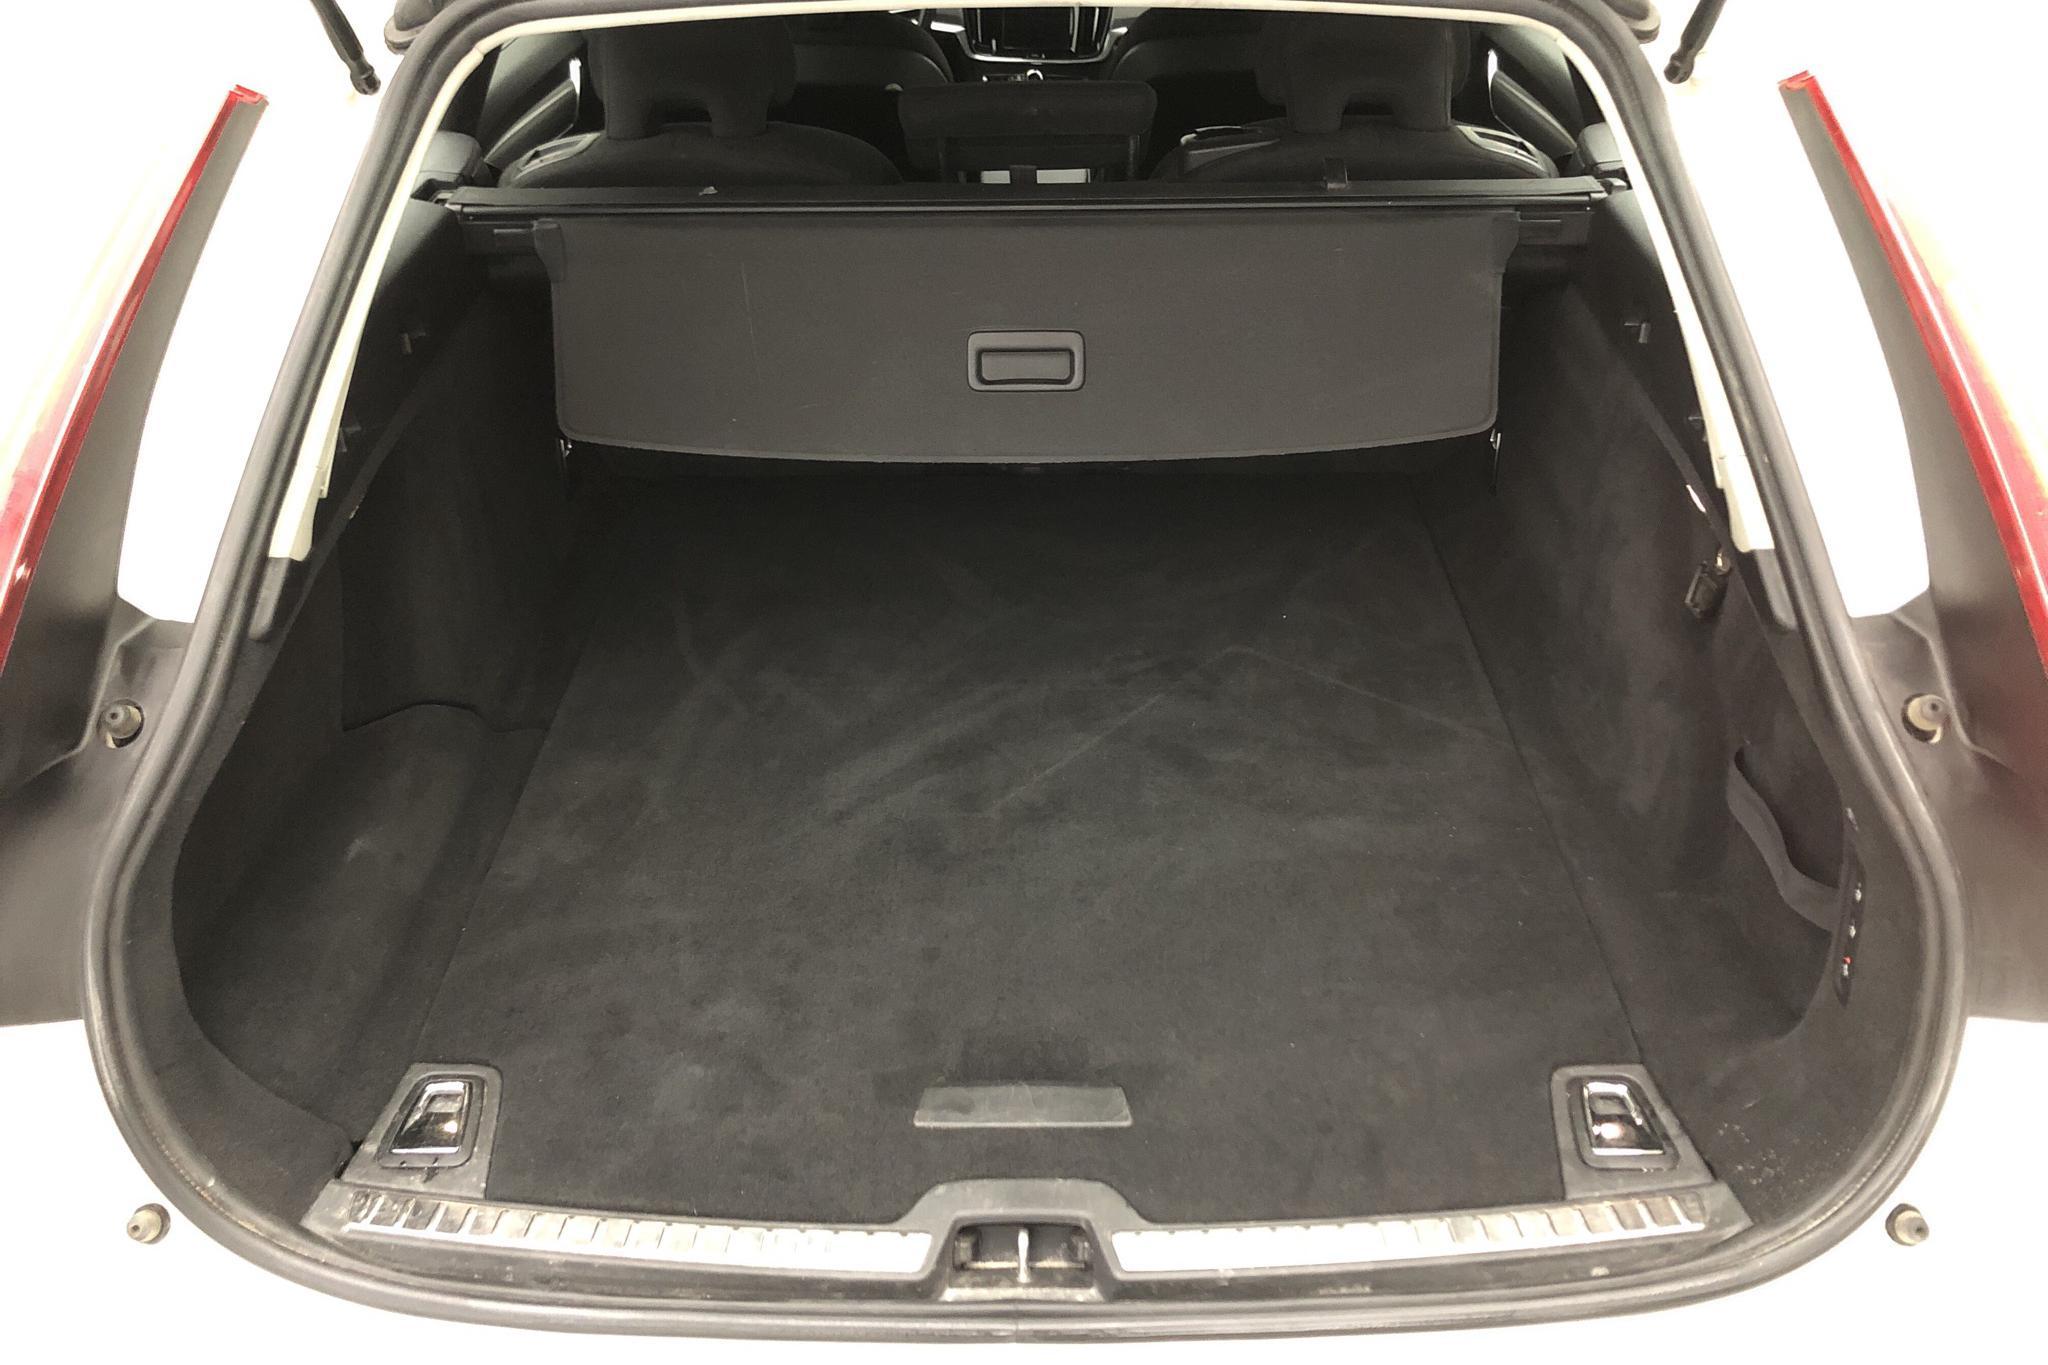 Volvo V90 D3 AWD (150hk) - 106 370 km - Automatic - white - 2019